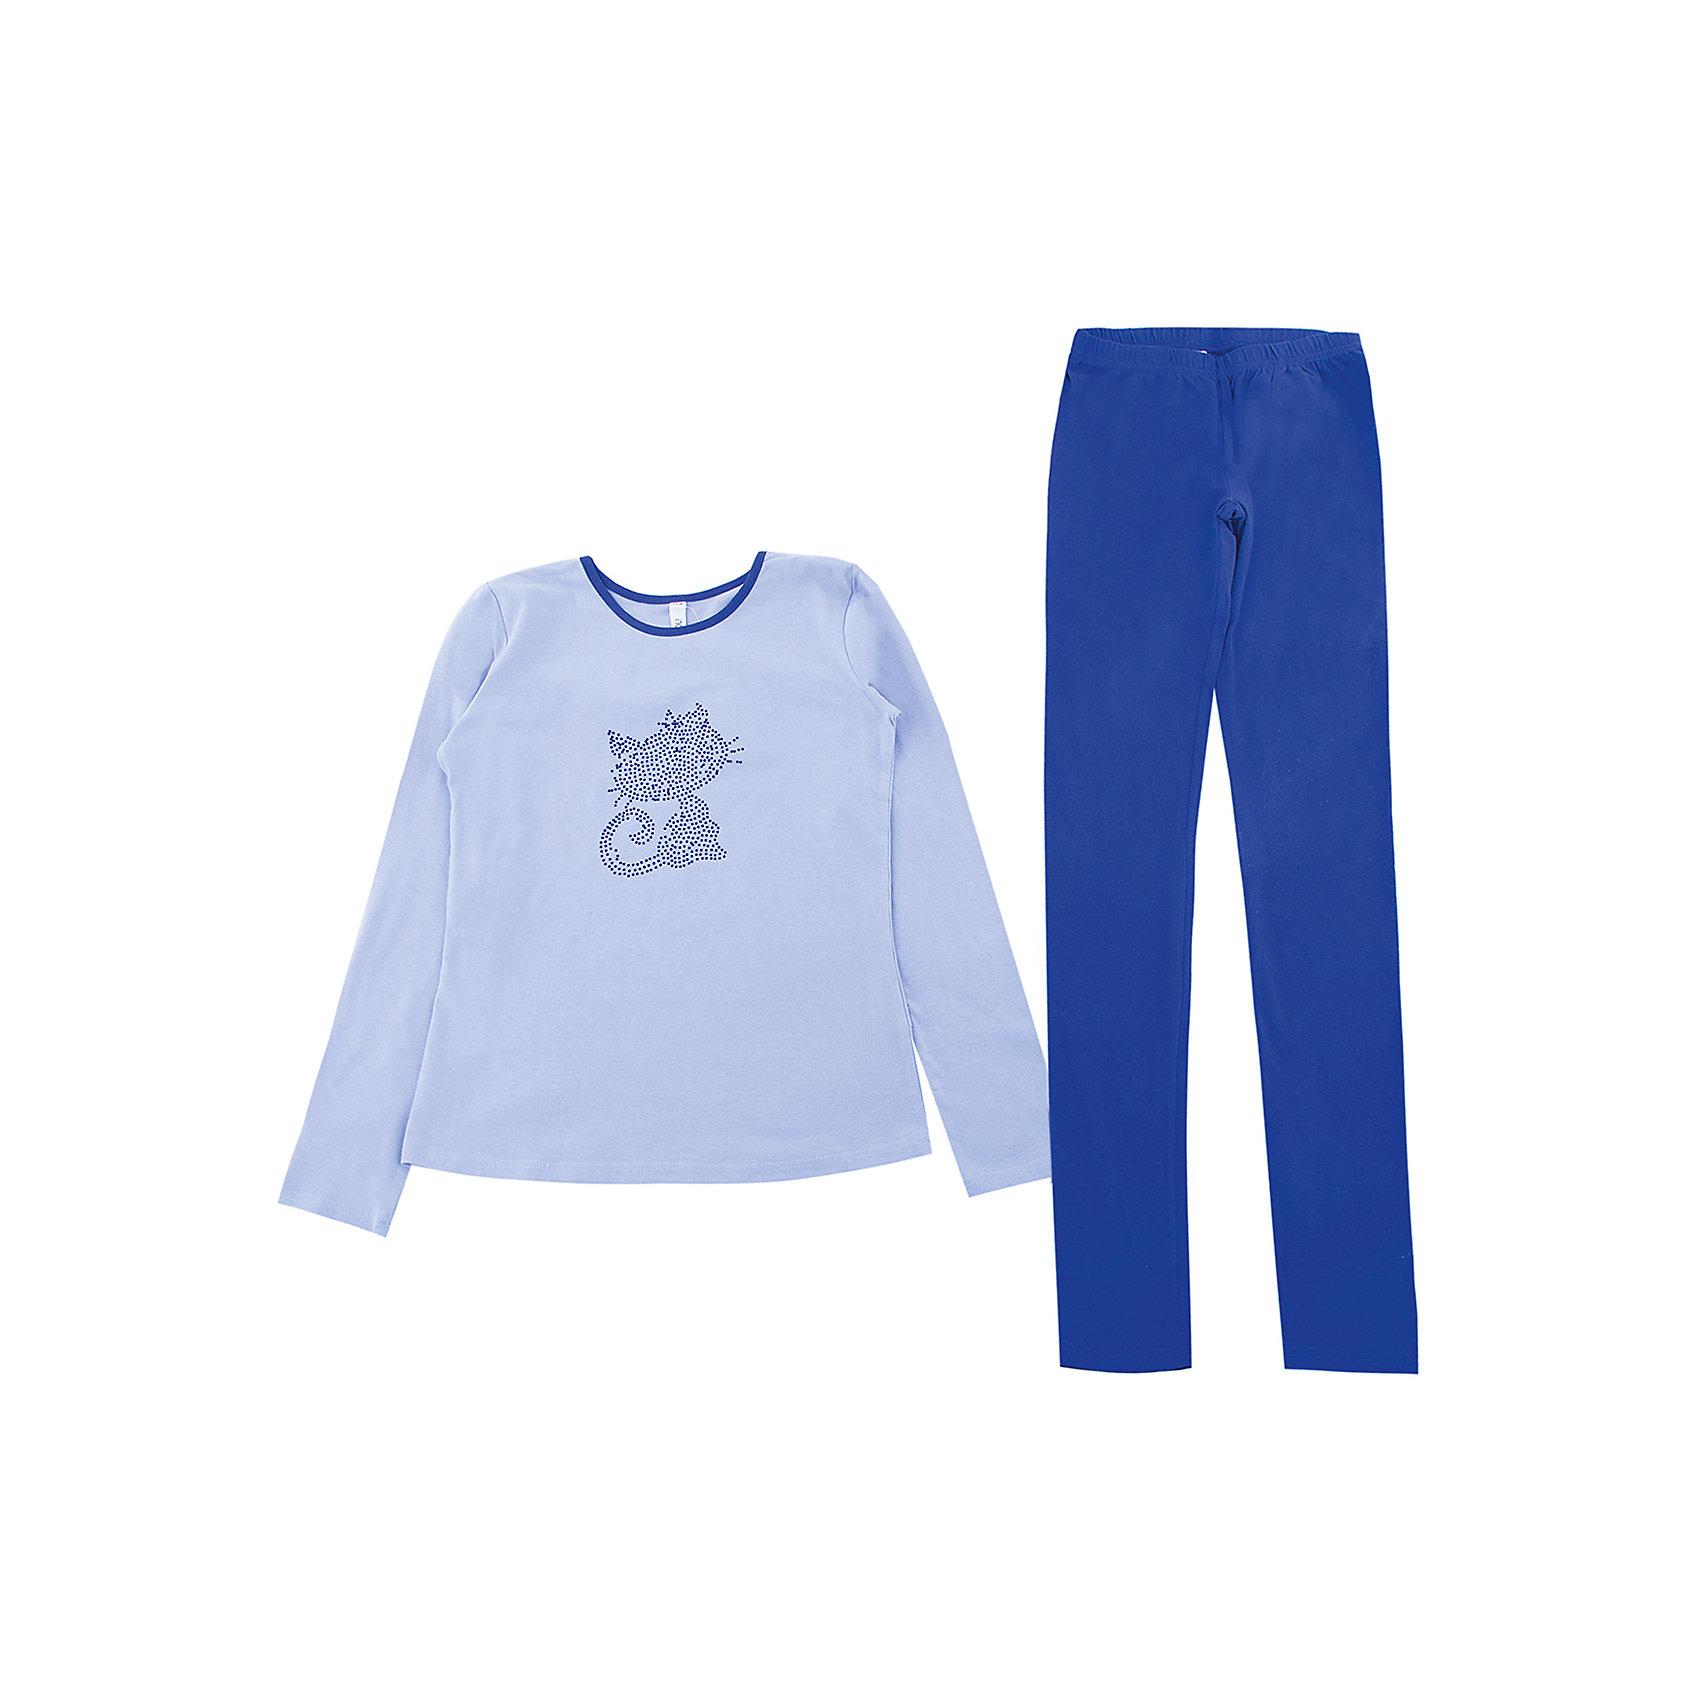 Комплект: футболка с длинным рукавом и брюки для девочки ScoolКомплекты<br>Комплект: футболка с длинным рукавом и брюки для девочки Scool подойдет для дома или улицы.<br>Хлопковая кофточка позволит в прохладную летнюю погоду чувствовать себя комфортно. Синие штаны-легинсы держатся на резинке, хорошо тянутся и не сковывают движения. В таком комплекте будет удобно бегать, прыгать и вести активную жизнь. Футболка украшена стразами.<br><br>Дополнительная информация:<br><br>- материал: 95% хлопок, 5% эластан<br>- цвет: синий<br><br>Комплект: футболка с длинным рукавом и брюки для девочки Scool можно купить в нашем интернет магазине.<br><br>Ширина мм: 215<br>Глубина мм: 88<br>Высота мм: 191<br>Вес г: 336<br>Цвет: синий<br>Возраст от месяцев: 96<br>Возраст до месяцев: 108<br>Пол: Женский<br>Возраст: Детский<br>Размер: 134,140,152,164,158,146<br>SKU: 4912165